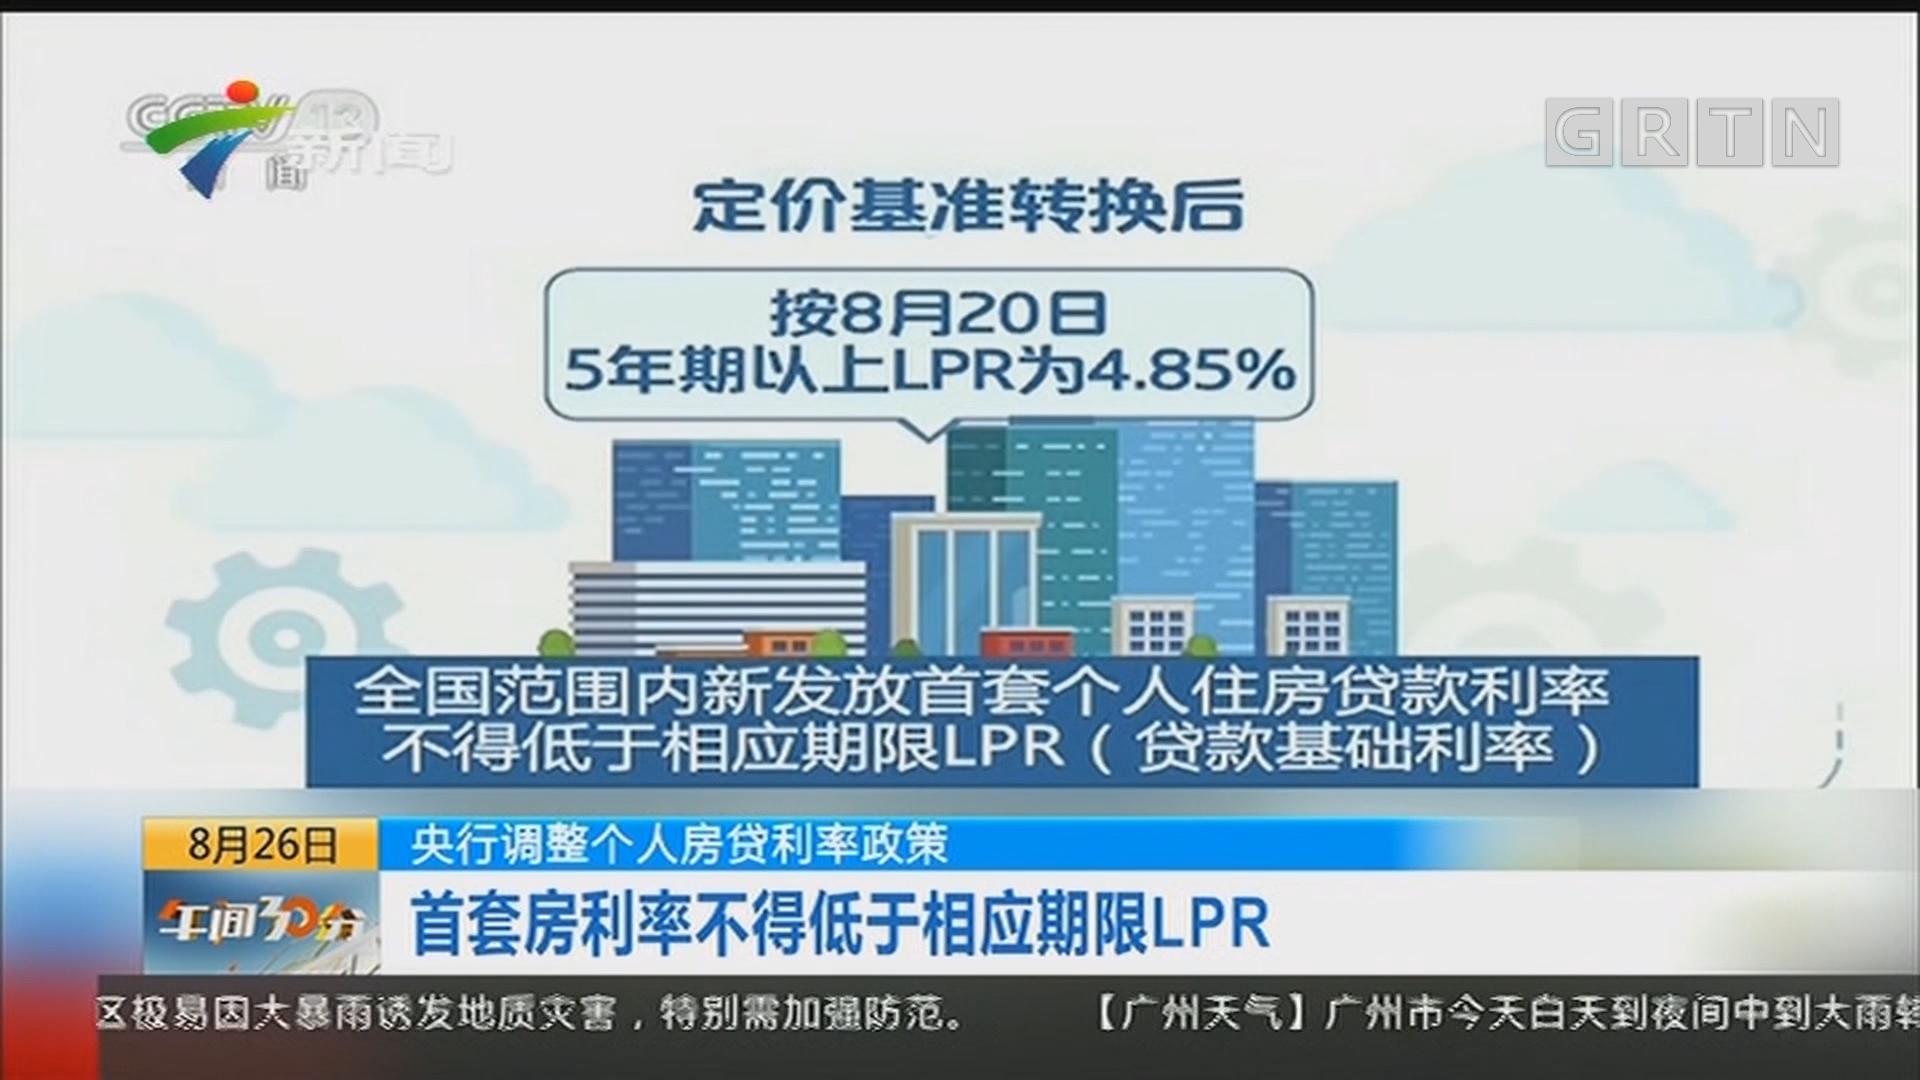 央行调整个人房贷利率政策:首套房利率不得低于相应期限LPR